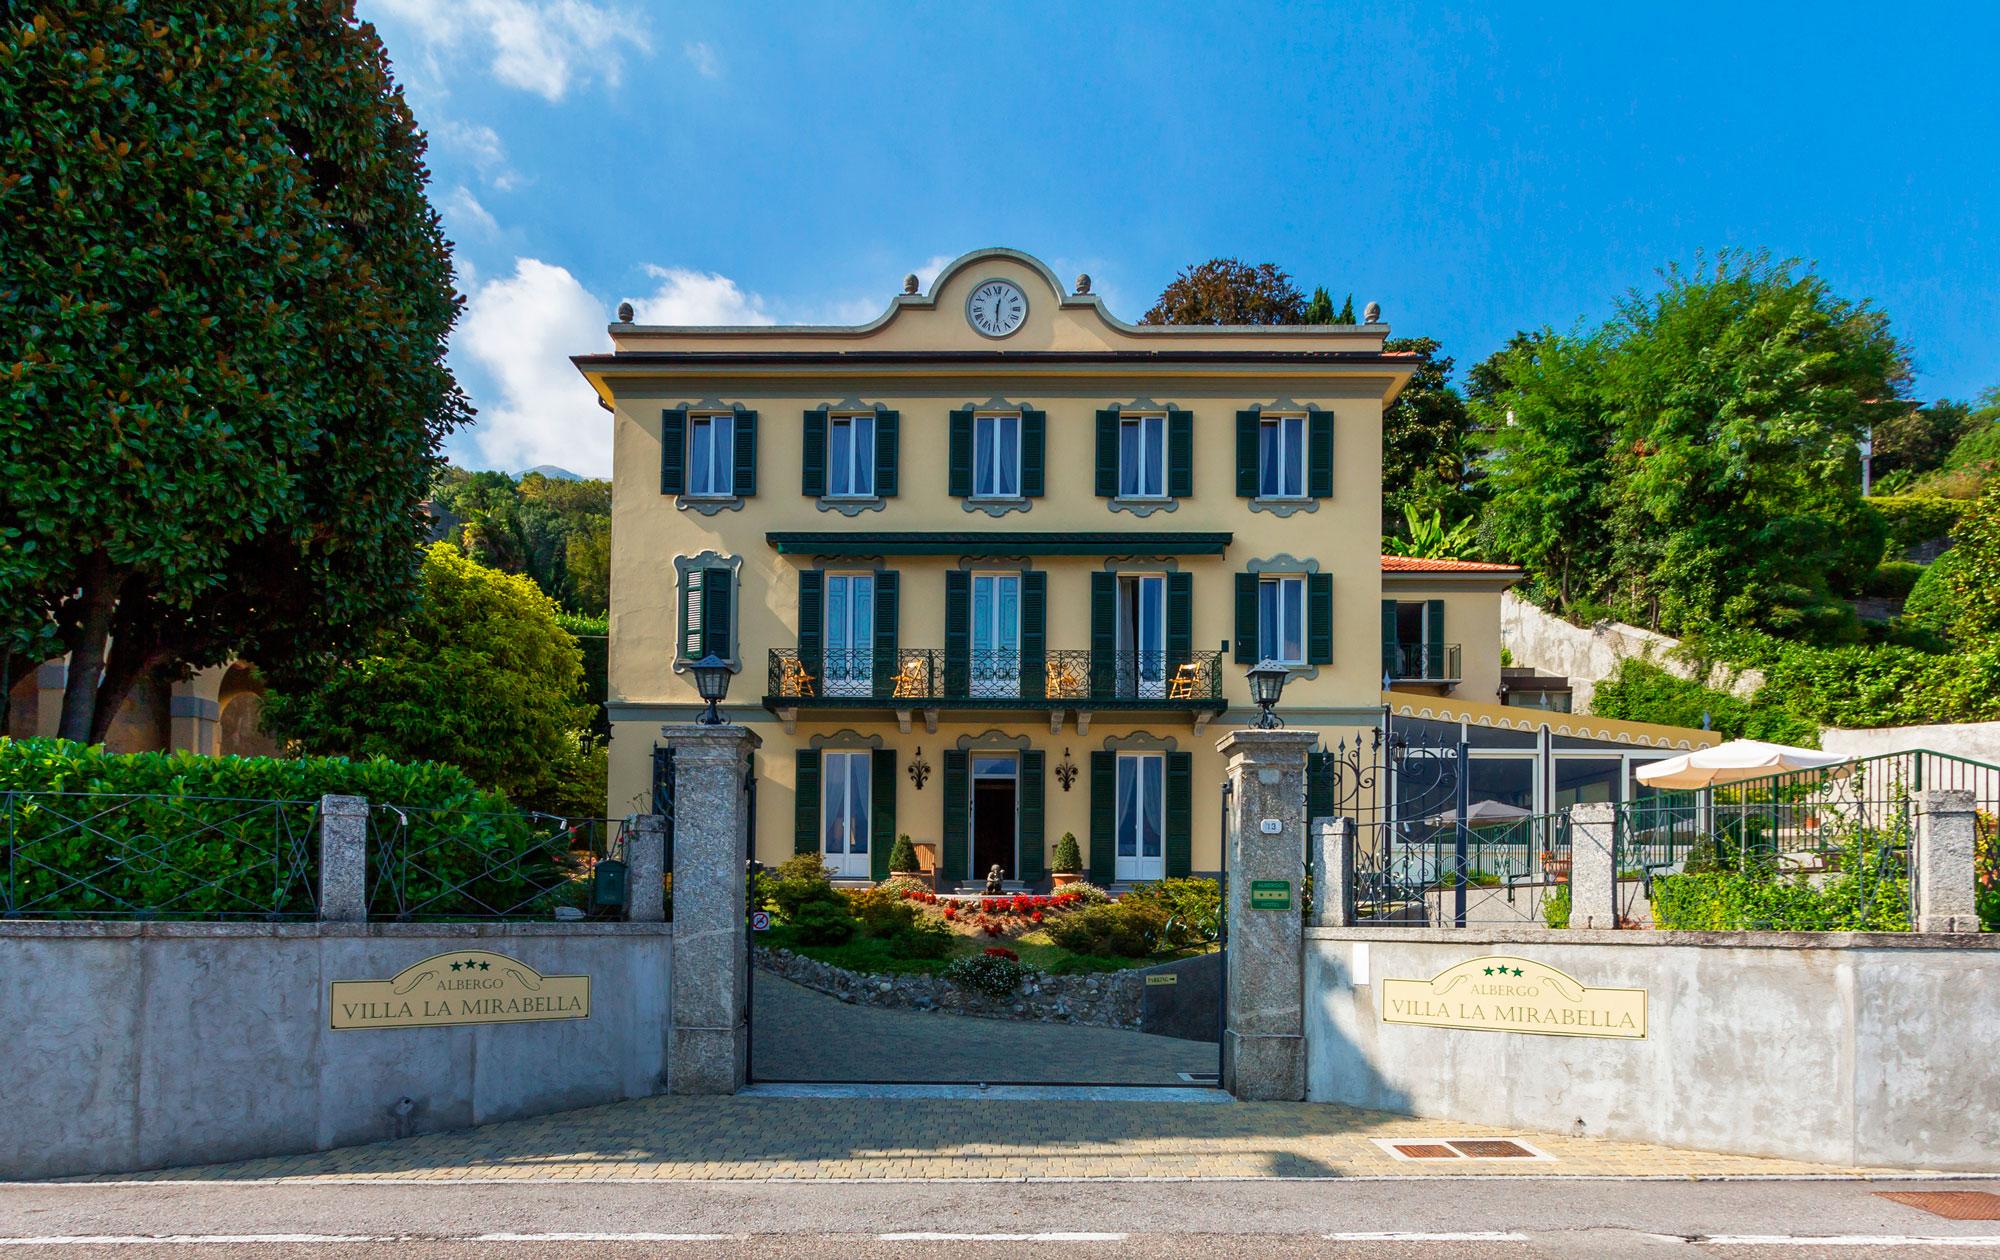 Sito web hotel villa la mirabella lago di como for Hotel villa del lago